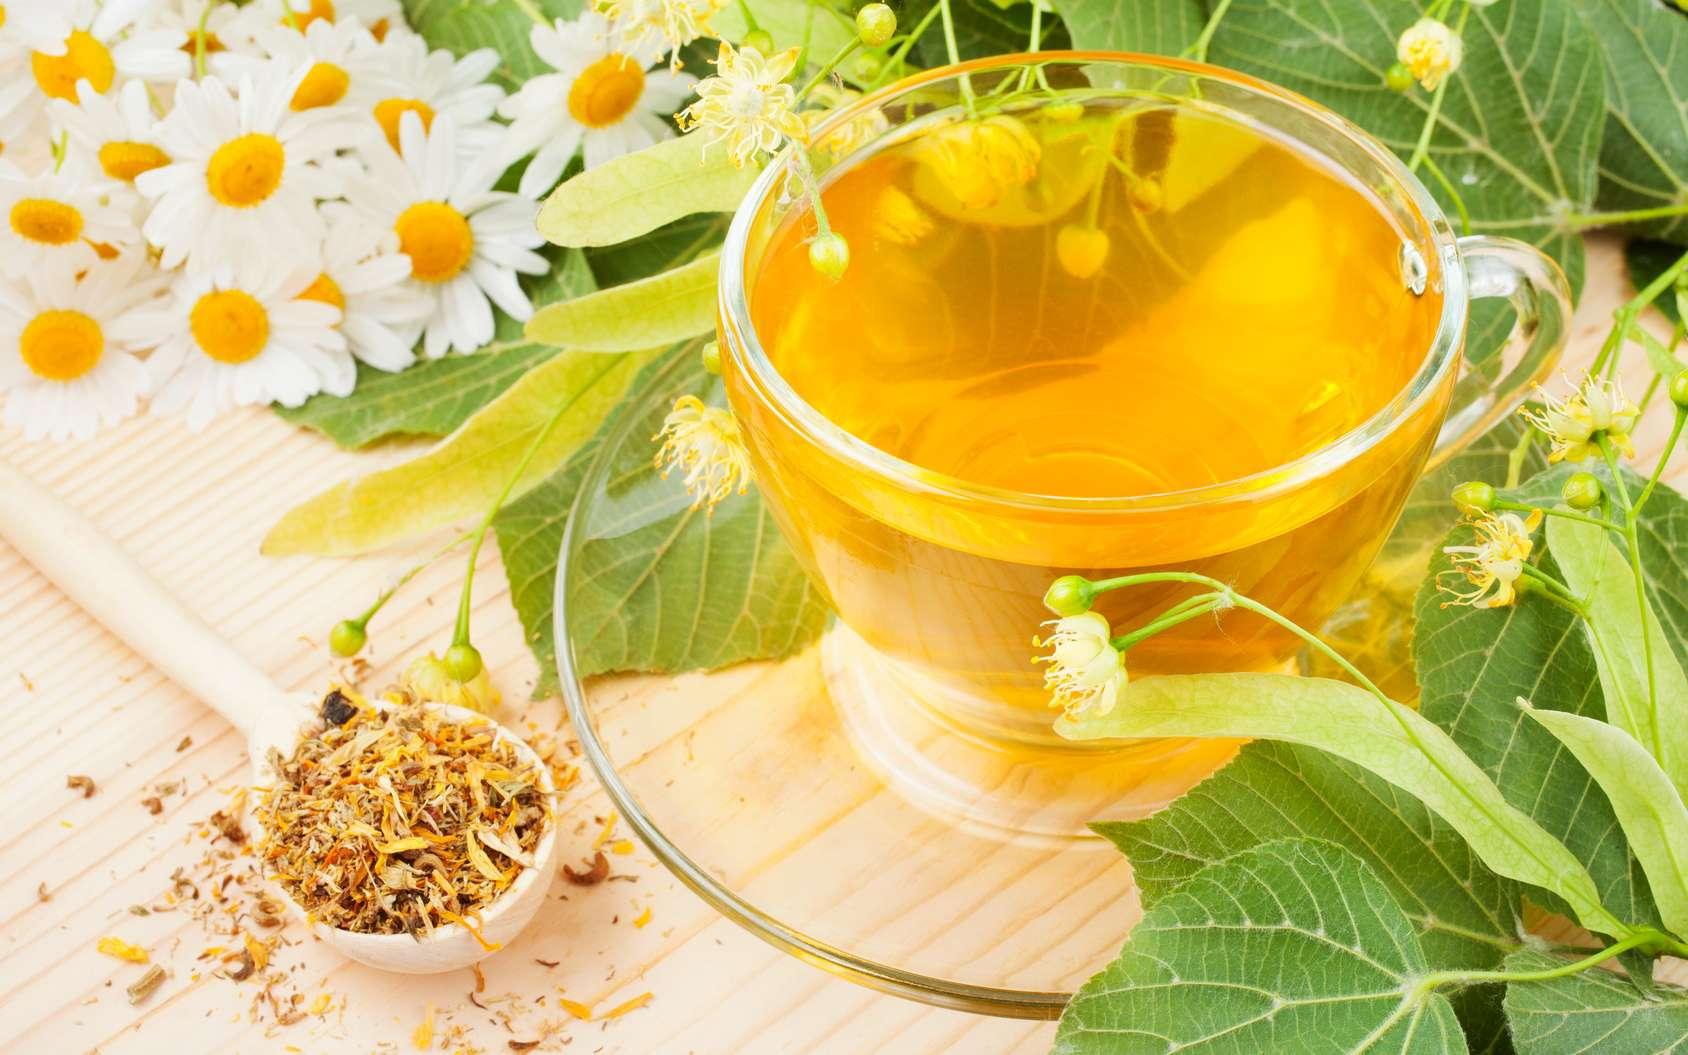 Les meilleurs bienfaits santé du thé à la camomille - Les meilleurs bienfaits santé du thé à la camomille